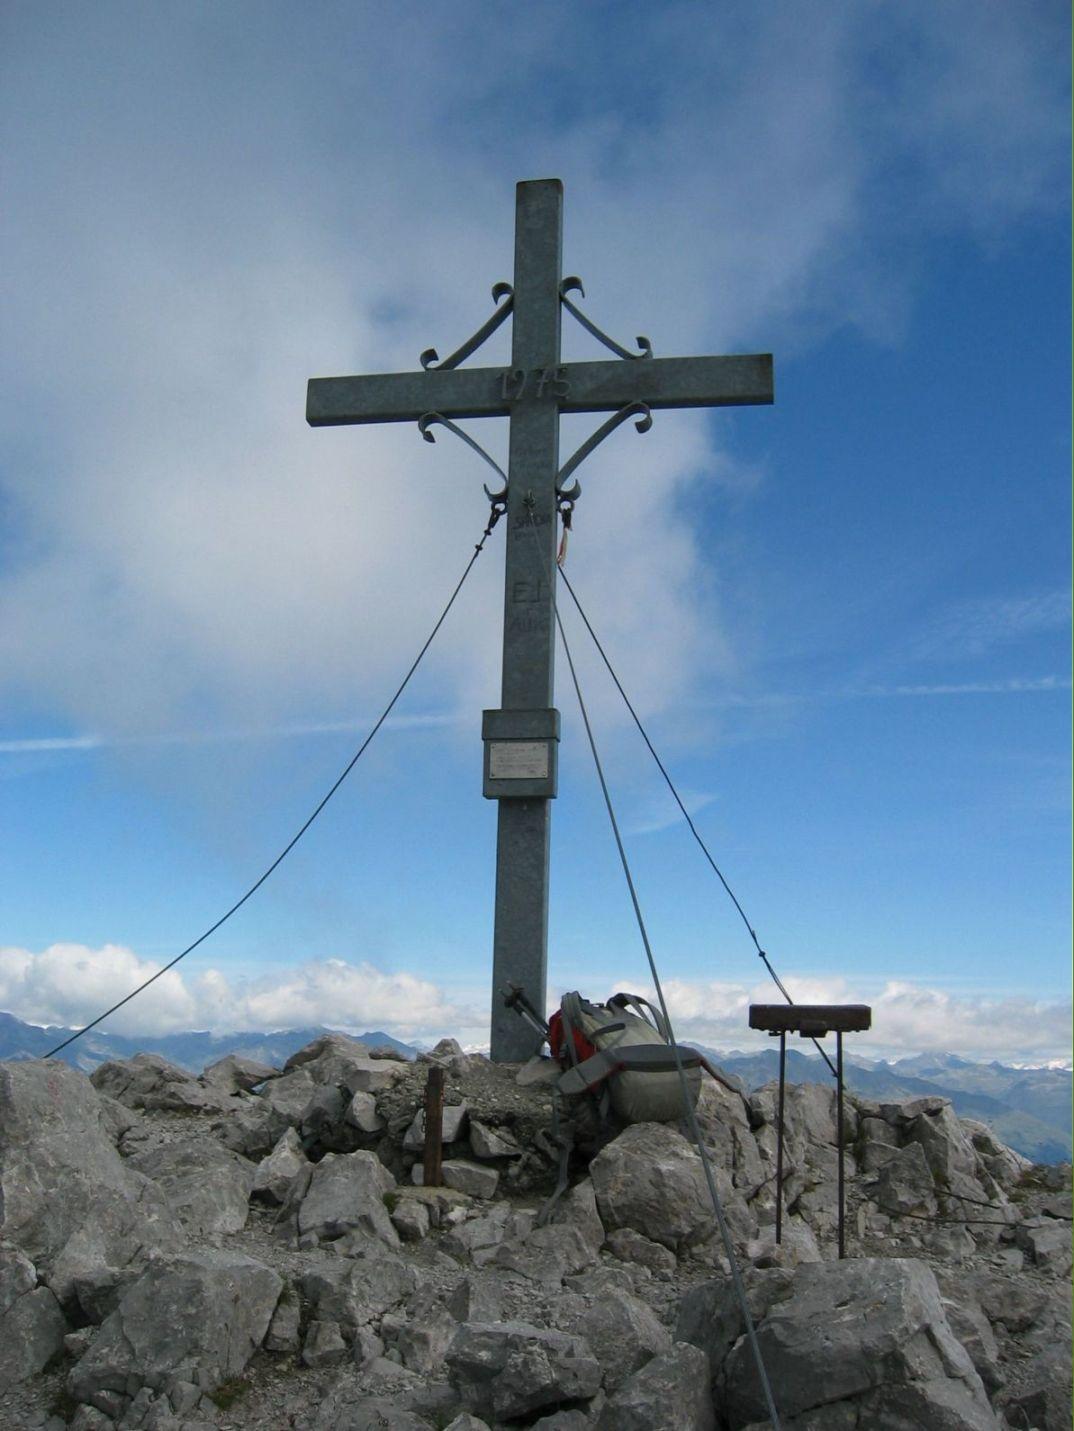 Foto: Gernot Huber / Wander Tour / REISSKOFEL (2.371 m) / Gipfelkreuz Reisskofel / 05.03.2010 18:44:00